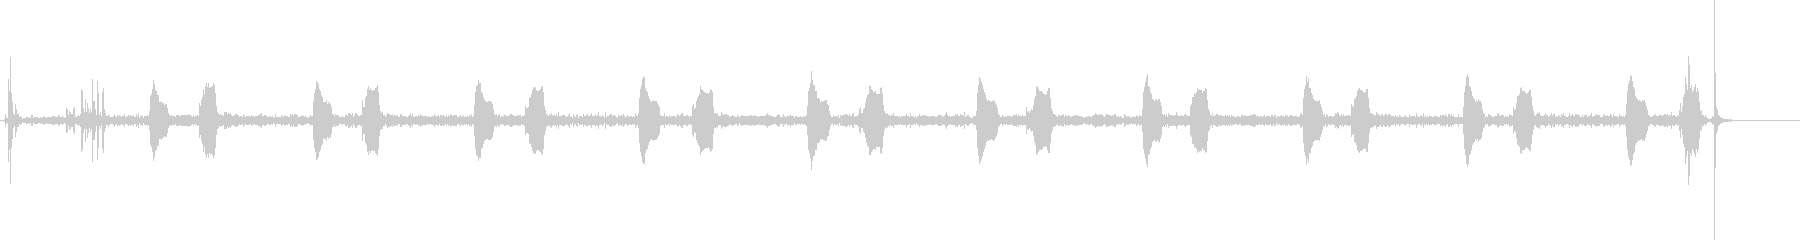 鳩時計1:ストライクテンオクロック...の未再生の波形